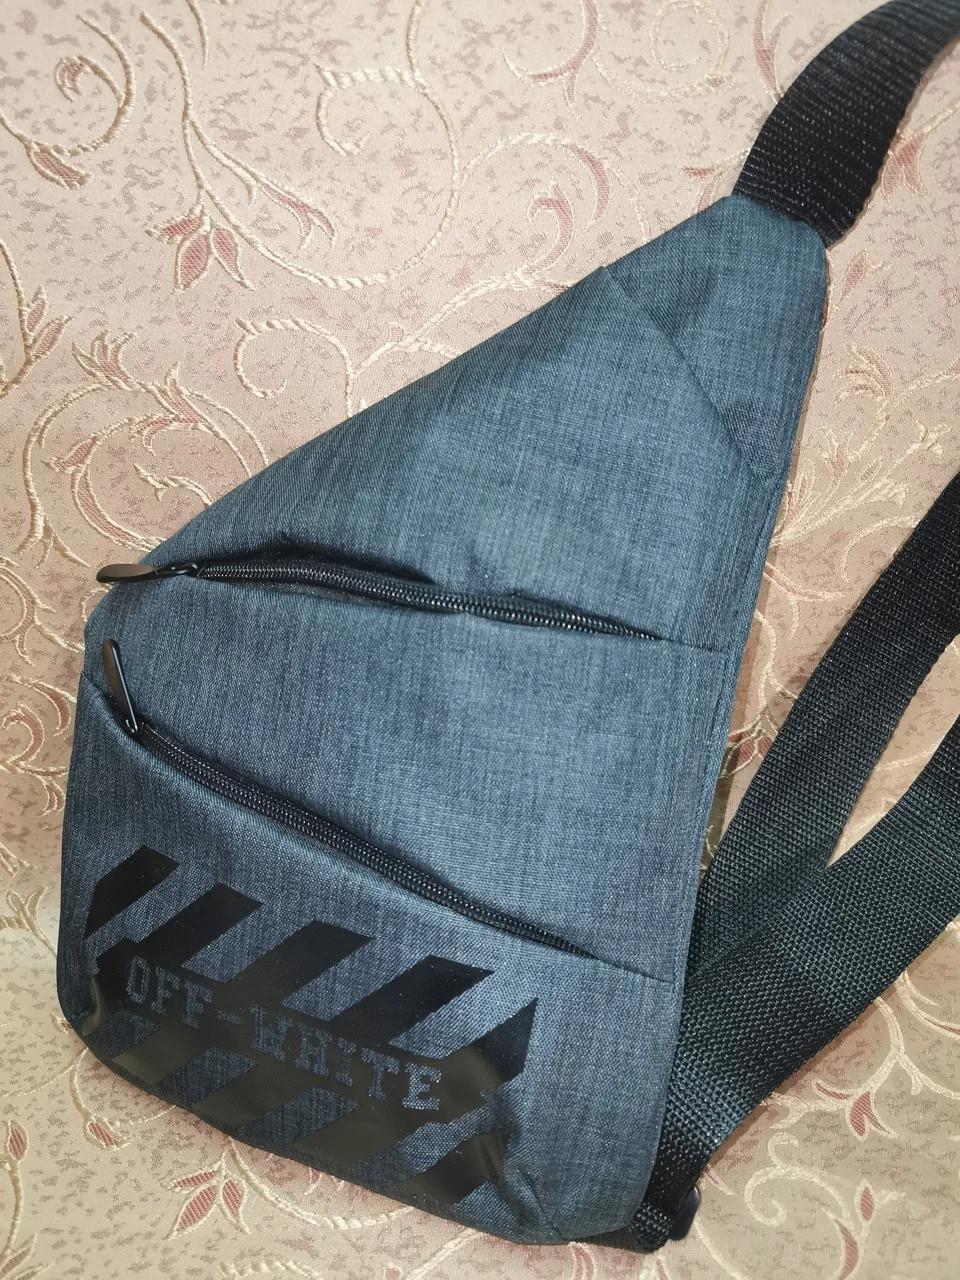 Слінг на груди чоловіча сумка через плече чорна тканинна модна 30*21 см С193-38